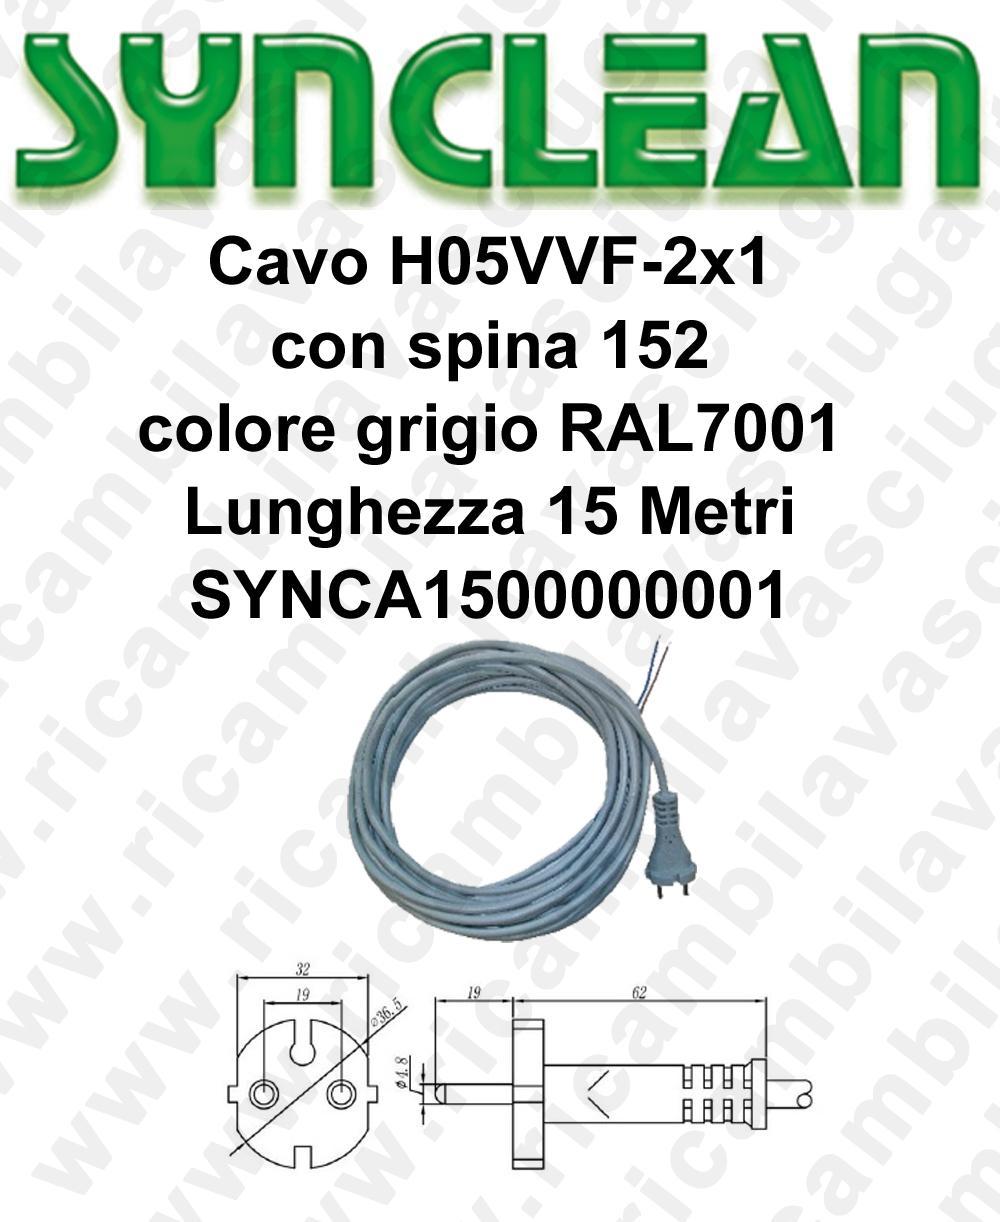 synca1500000001 kabel h05vvf 2 x 1 mit stecker 152 grau. Black Bedroom Furniture Sets. Home Design Ideas